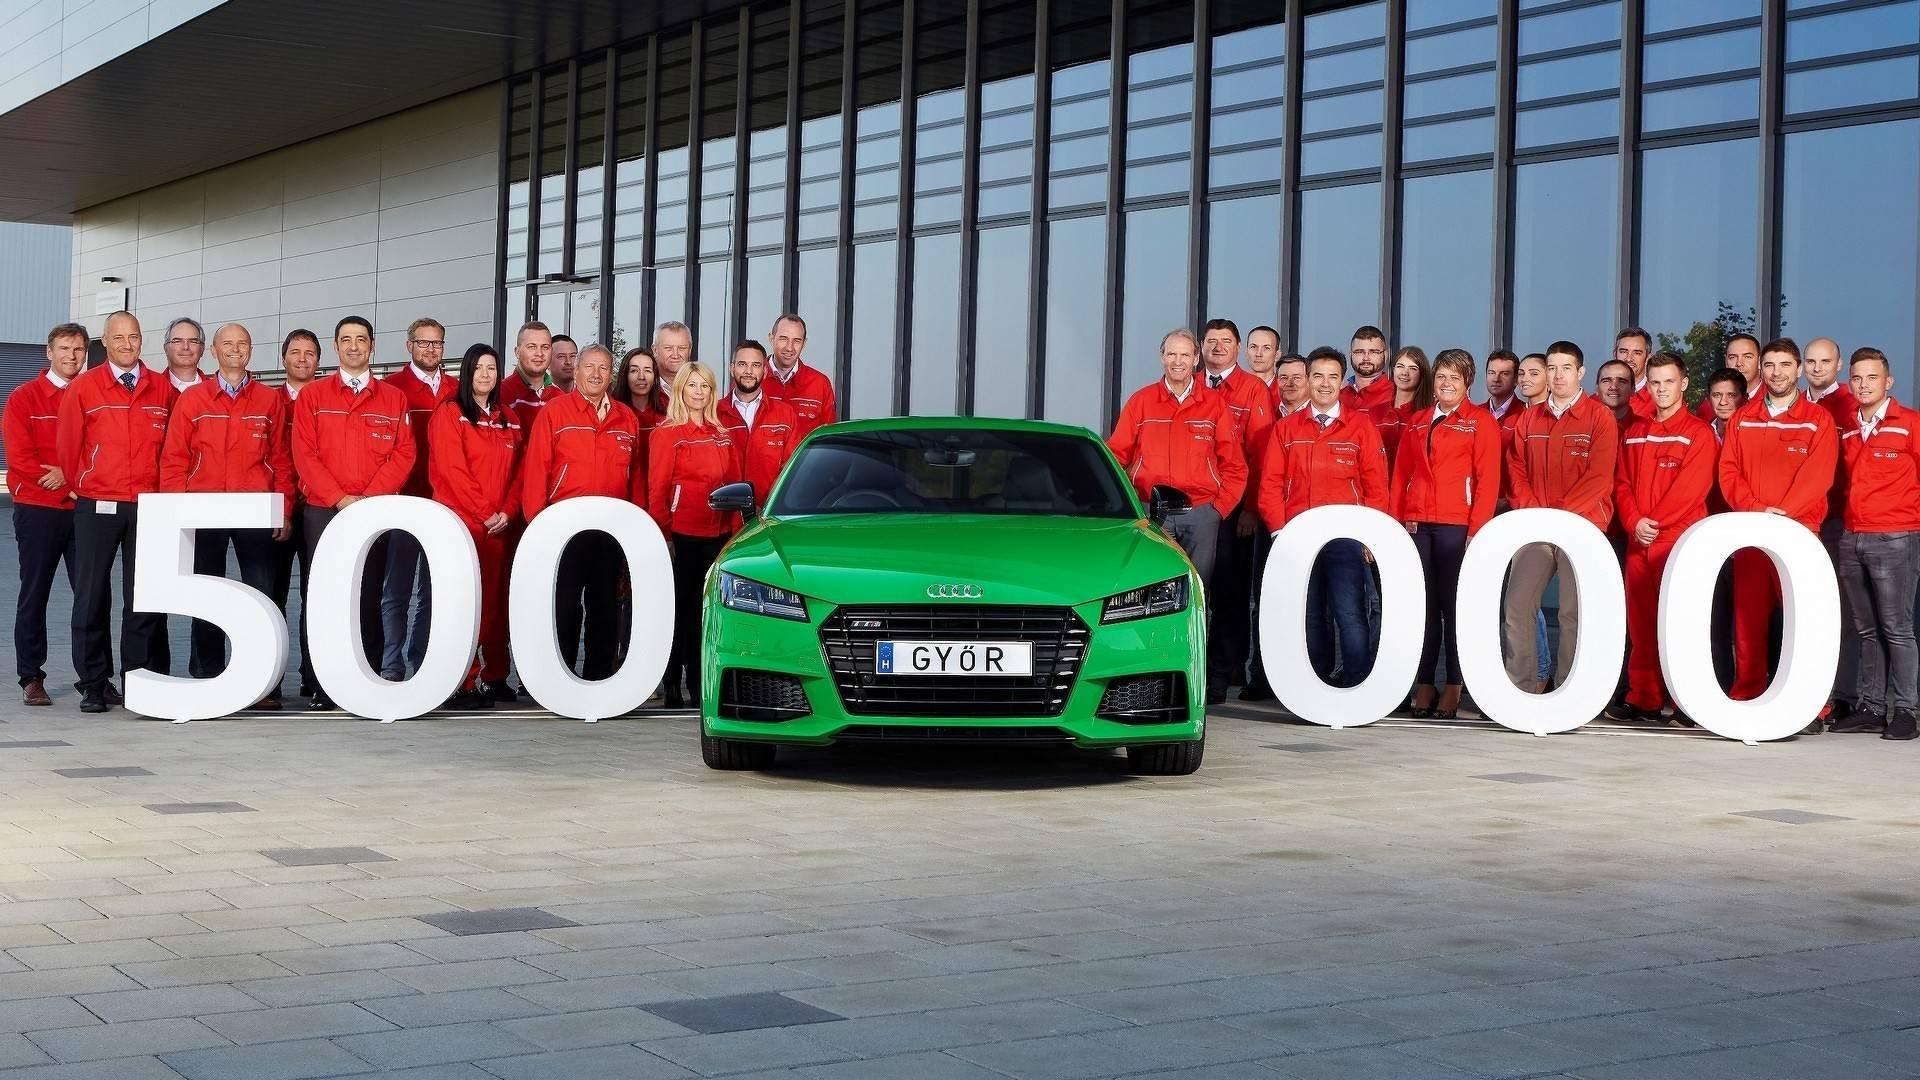 Завод Ауди вВенгрии произвел 500-тысячный автомобиль